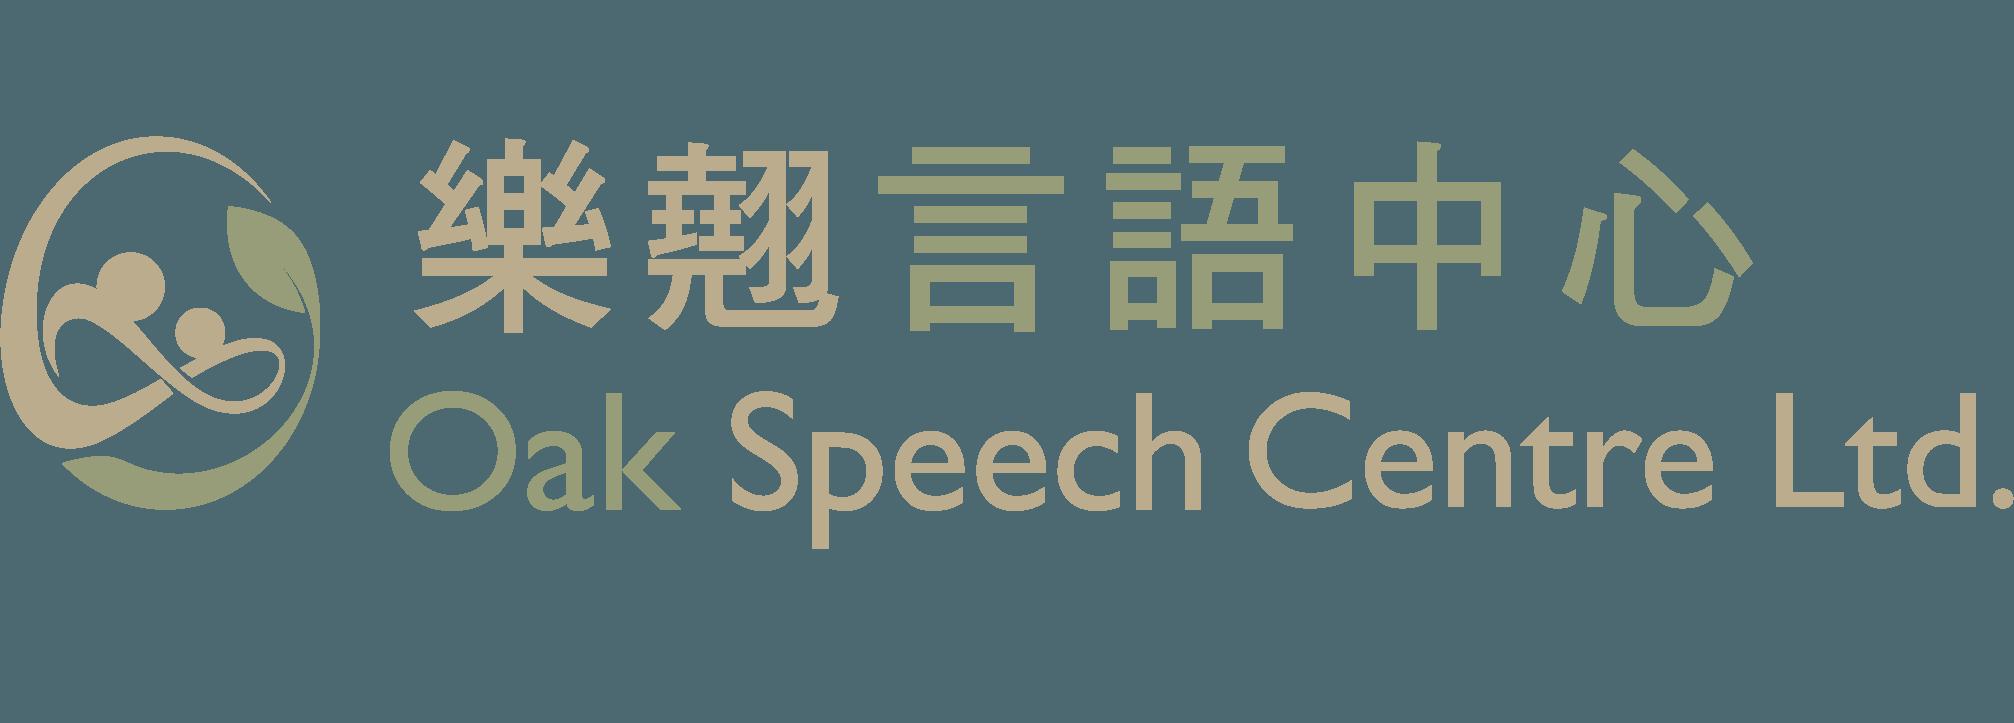 樂翹言語中心 Oak Speech Centre Ltd